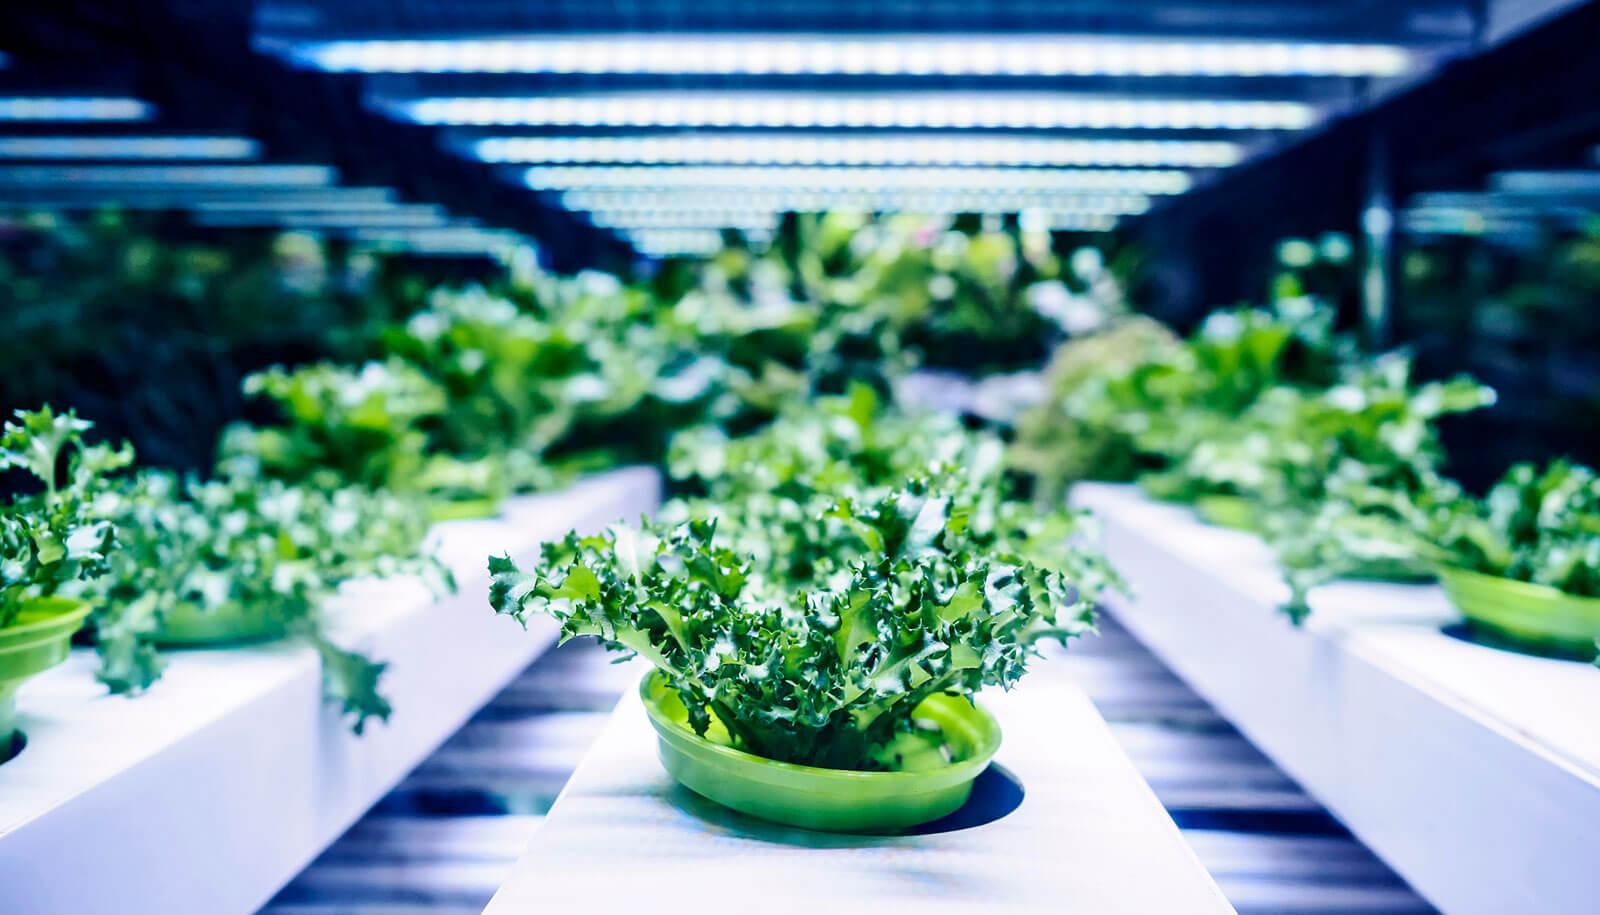 Đèn led chiếu sáng công nghiệp dùng trống rau trong nhà kín hoàn toàn